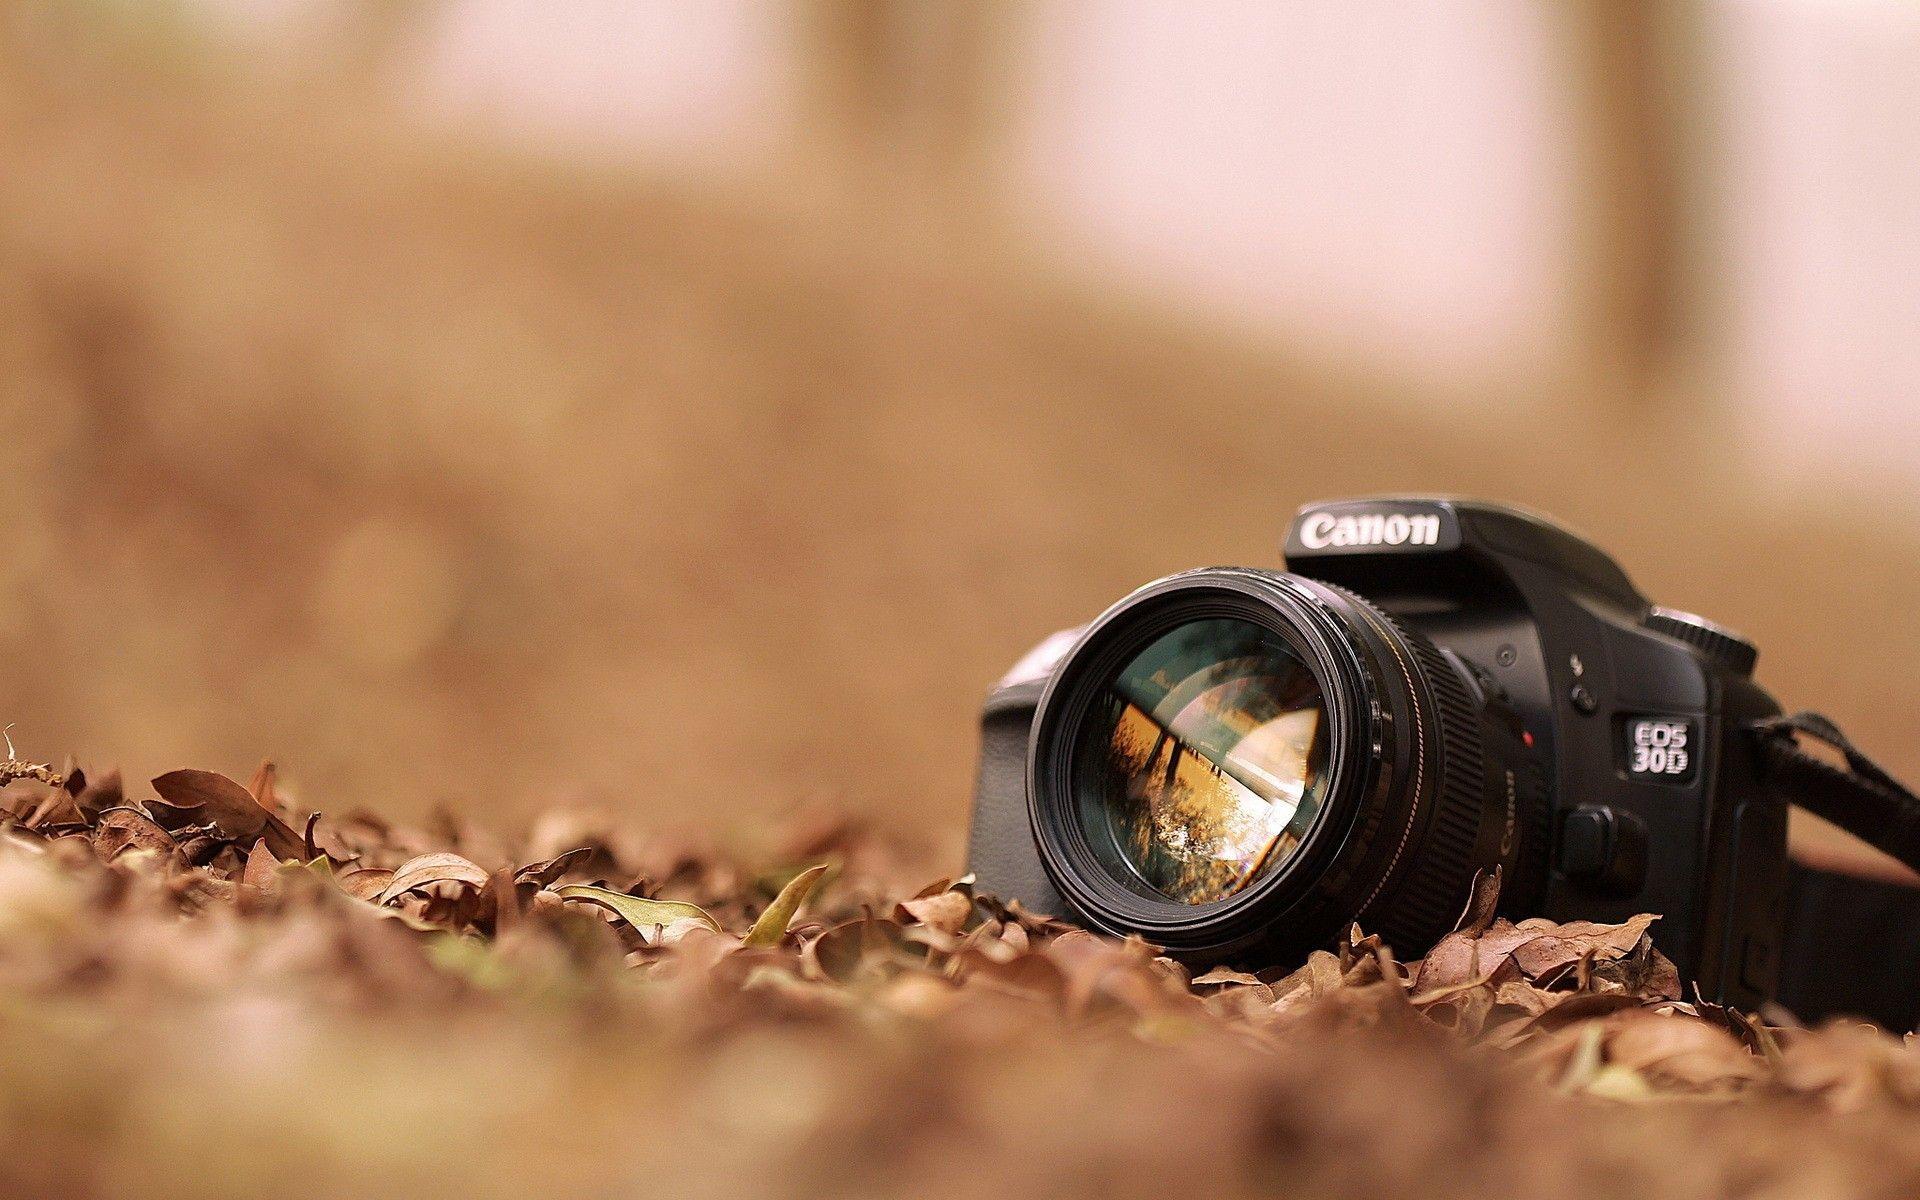 Wallpaper Download 1920x1200 Canon Eos 30d Professional Camera